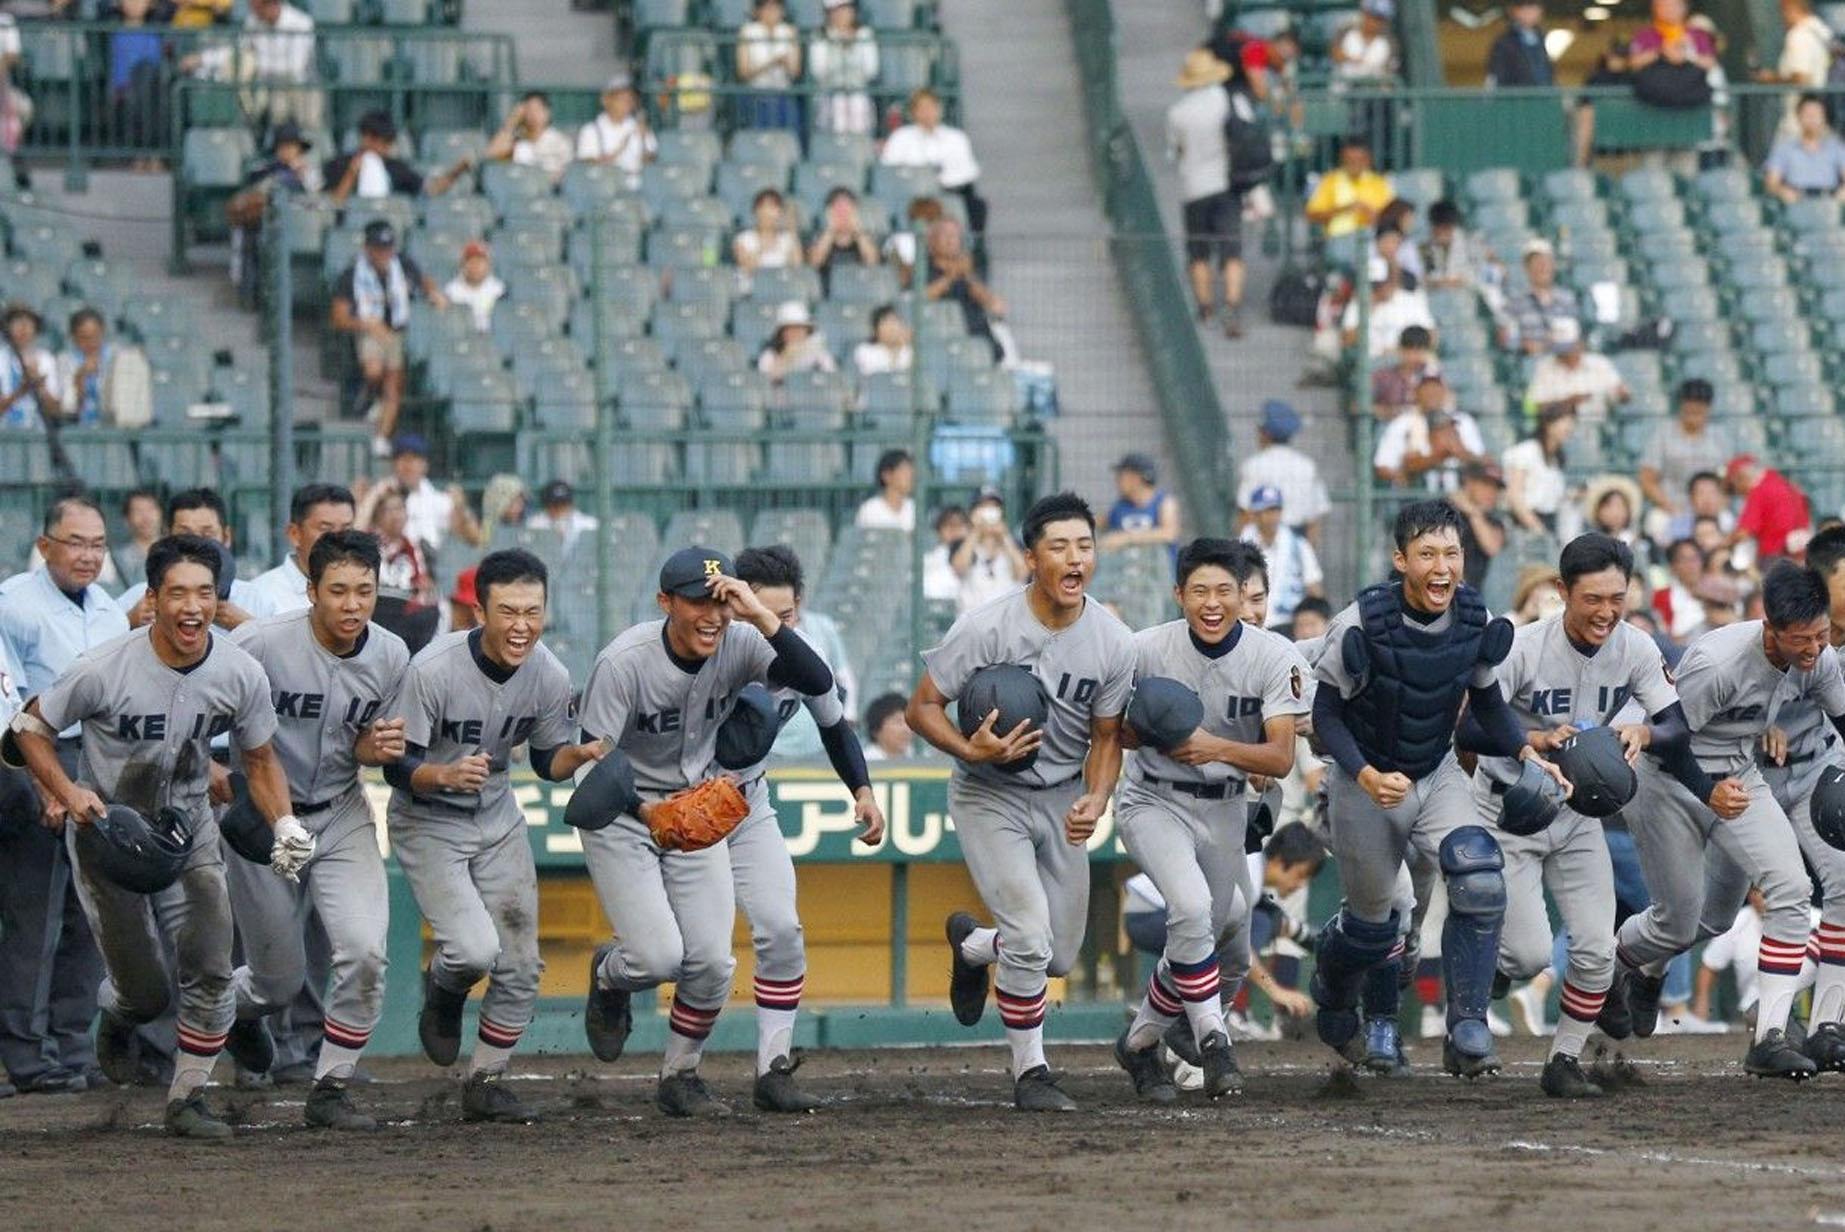 高校野球から「パワハラ」をなくして「相手への尊敬」をはぐくむ